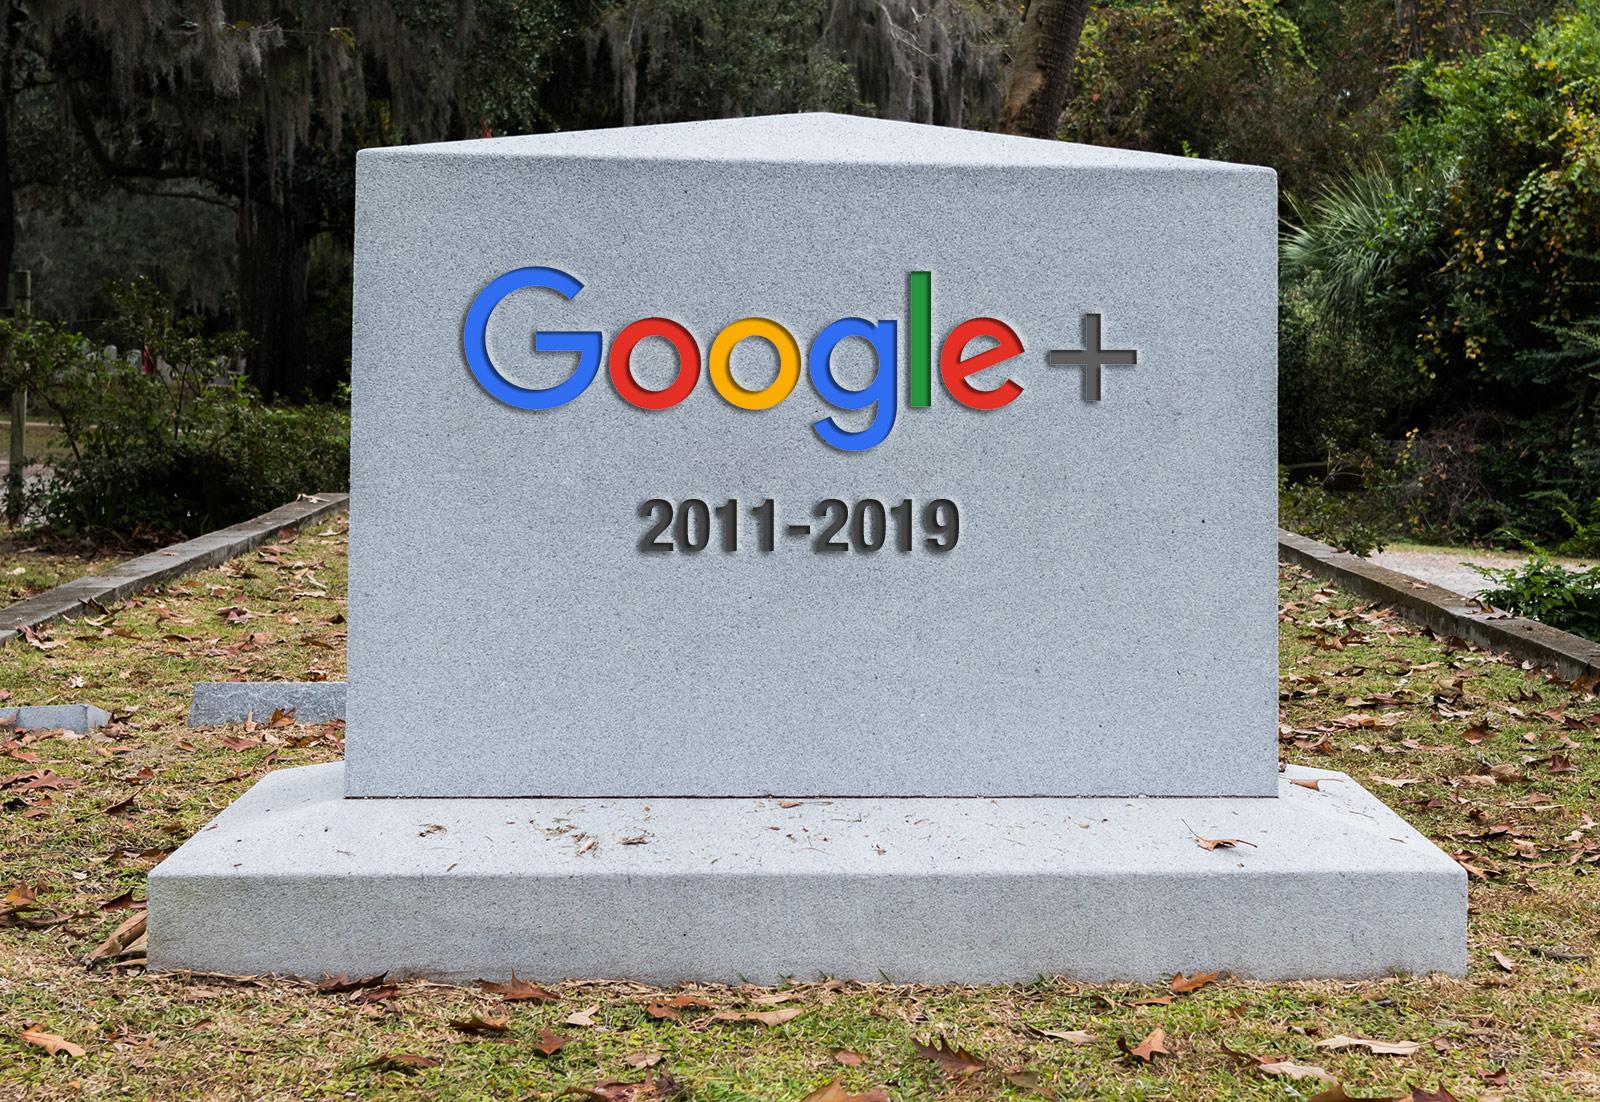 Мода на социальные сети прошла, Google закрывает Google+